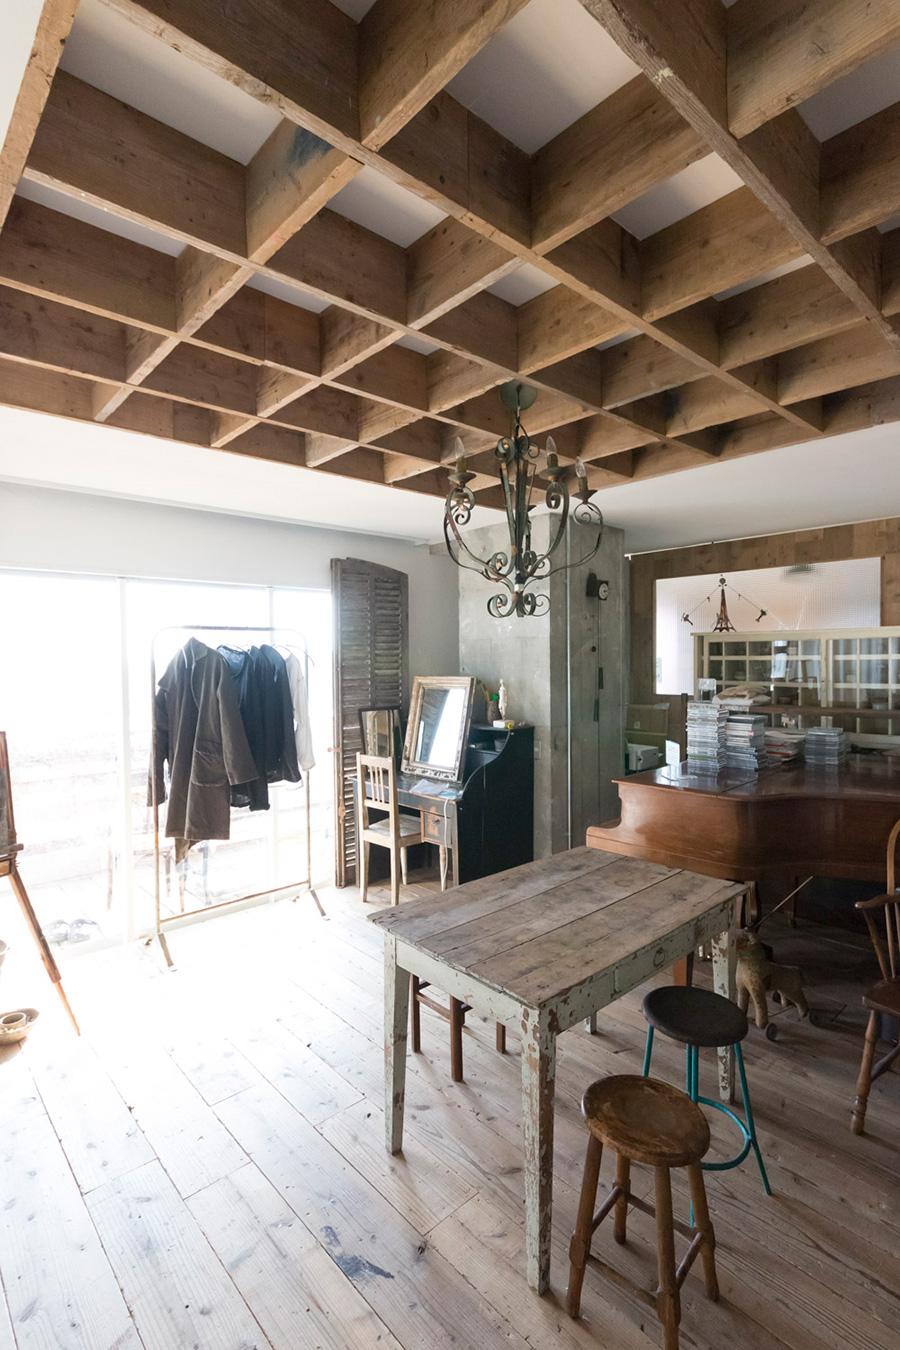 天井の一部に古材をスクエアに貼り、空間にニュアンスを演出。